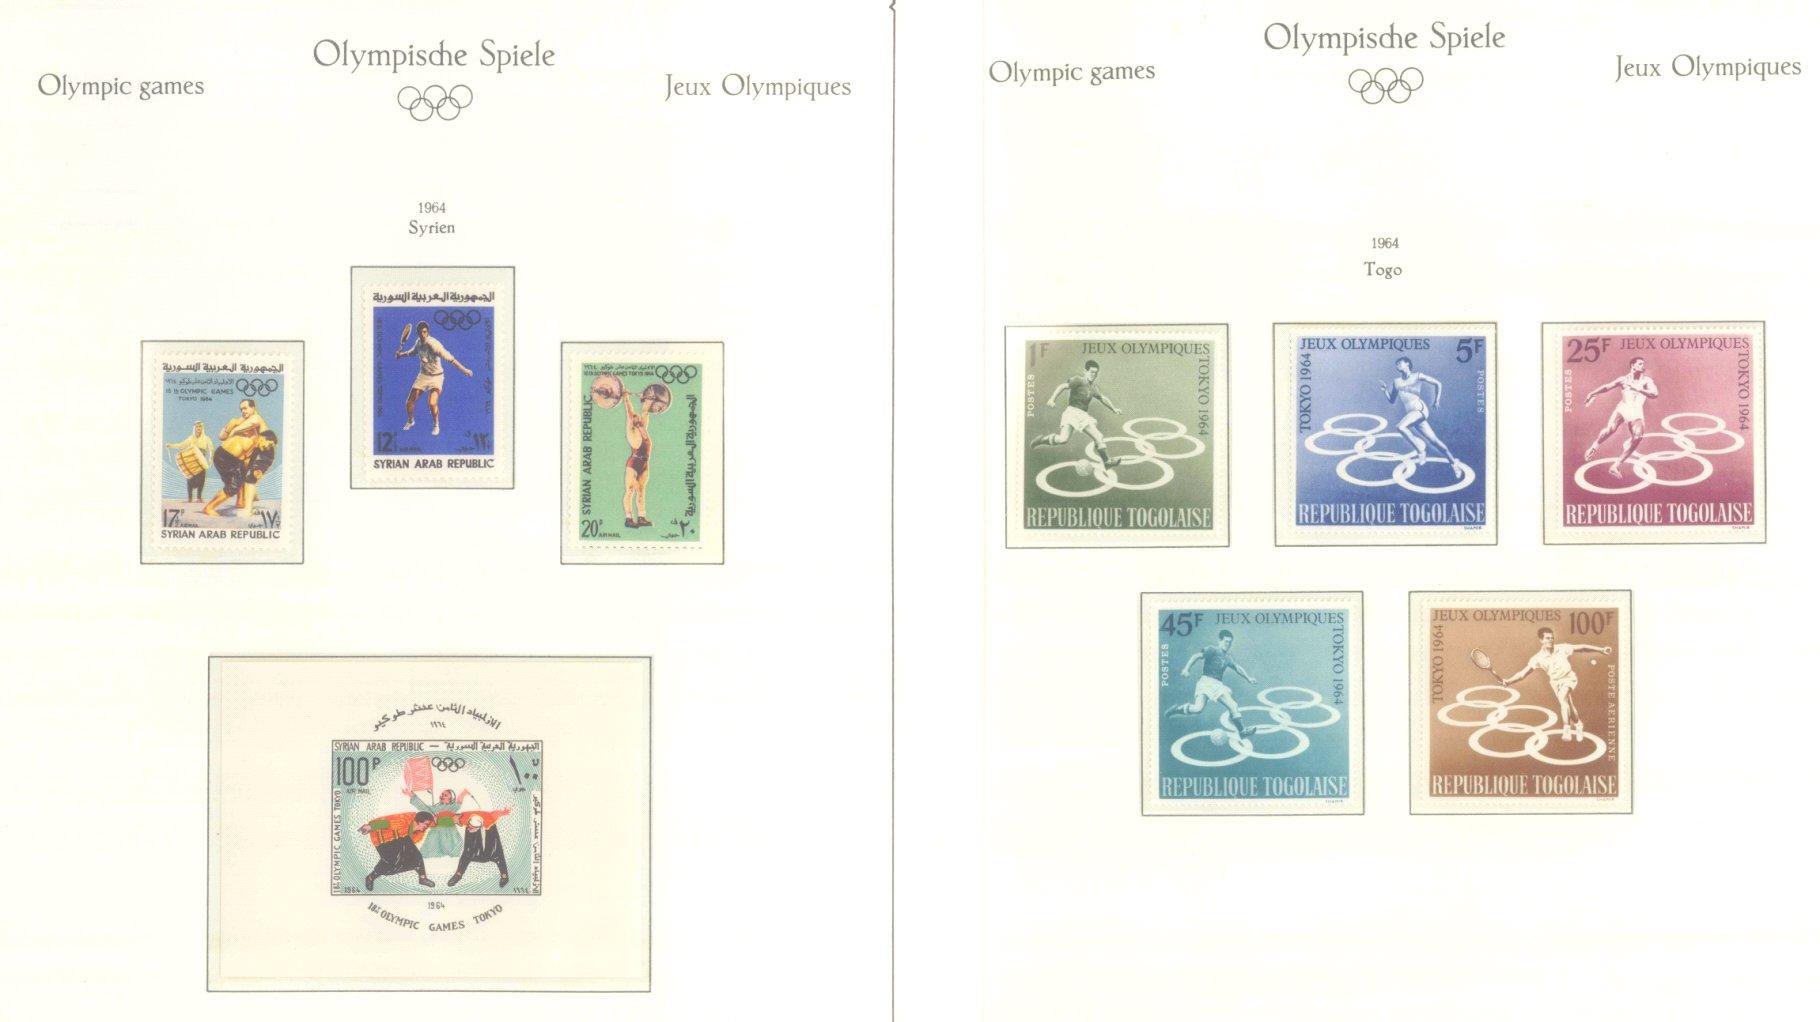 OLYMPISCHE SPIELE 1964 TOKIO, postfrische Sammlung Teil 2-40